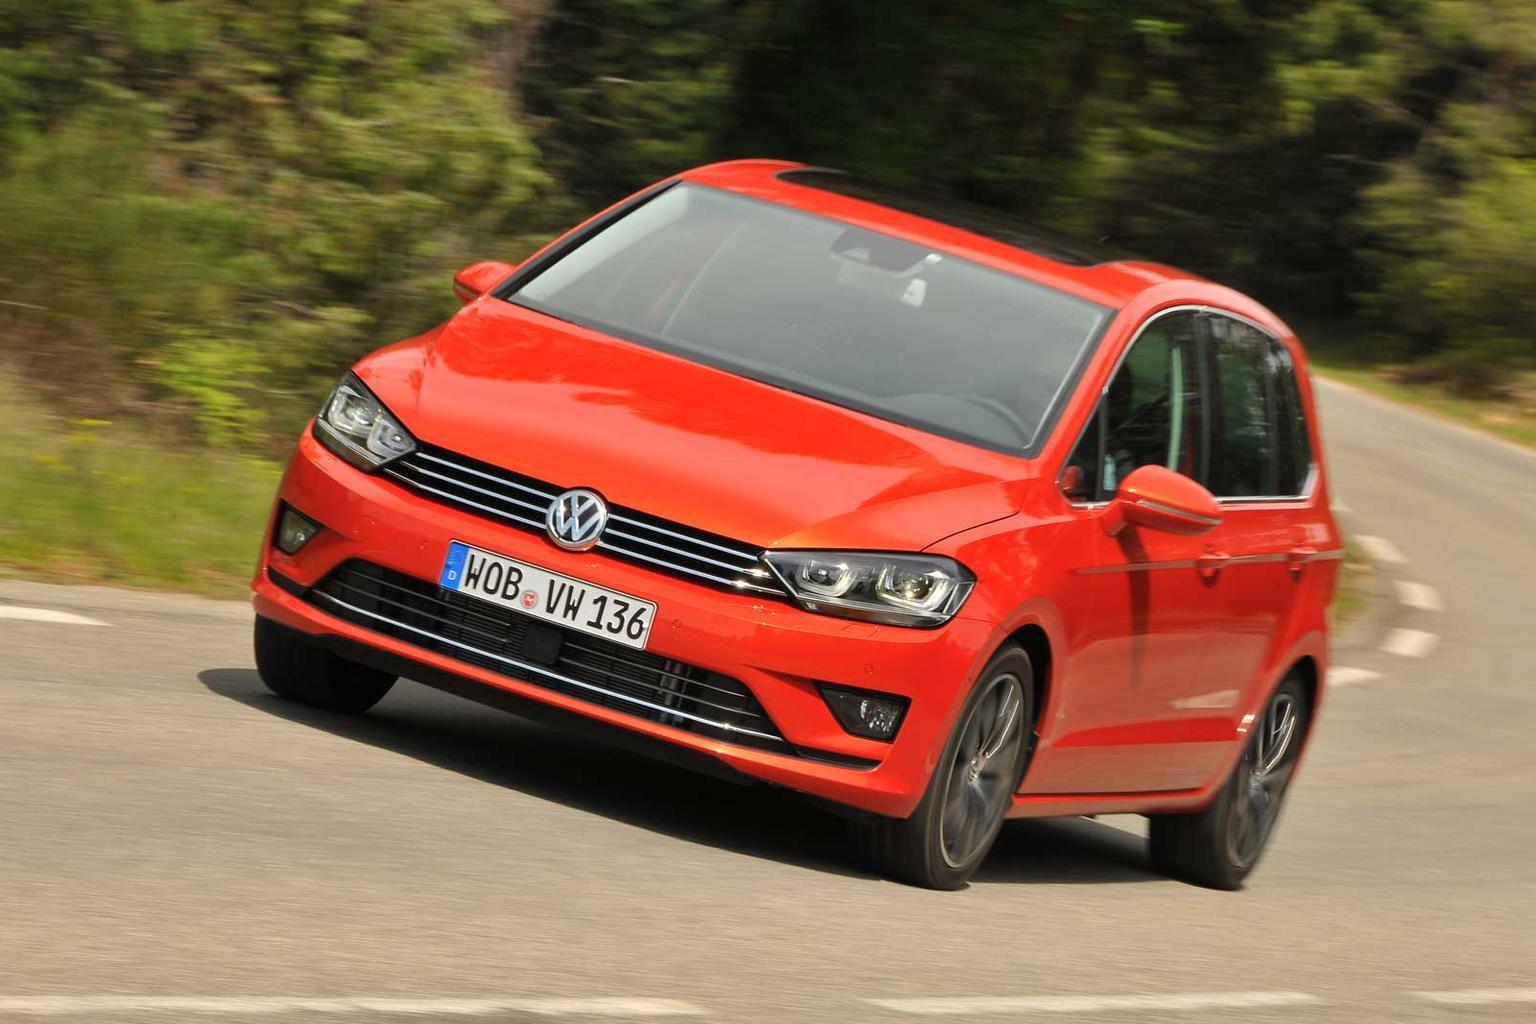 Discounts on new Volkswagen Golf SV